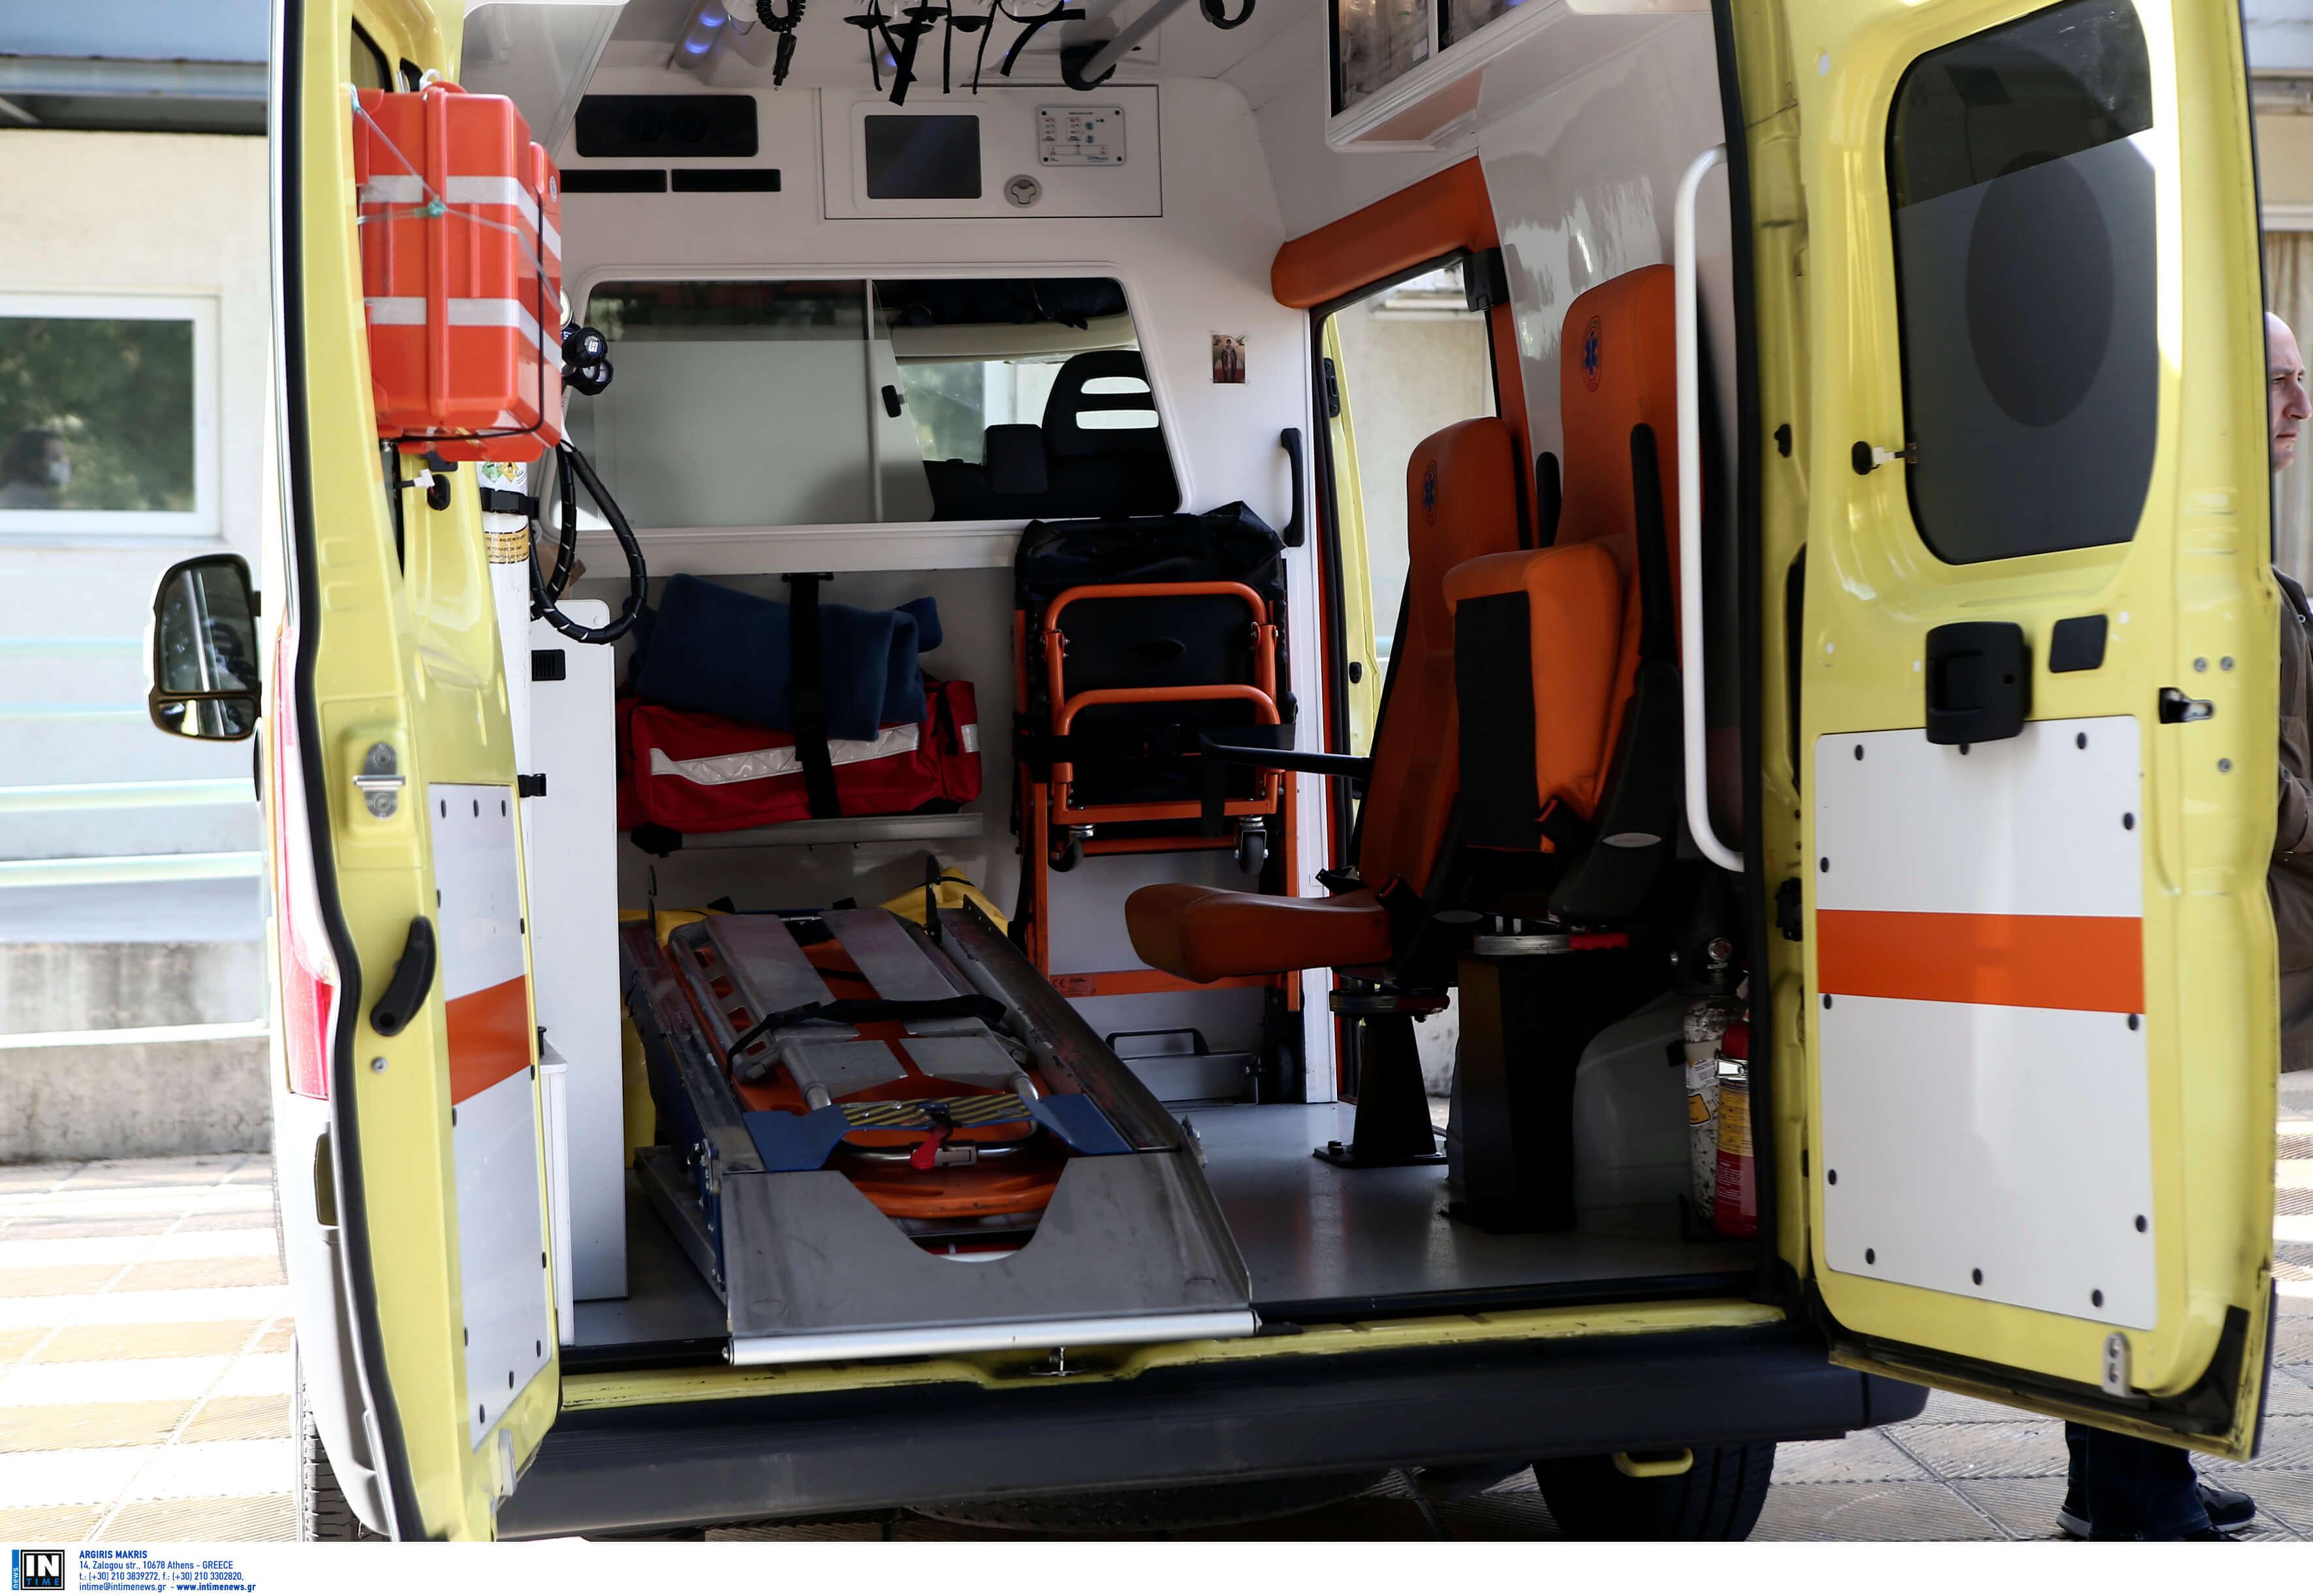 Χαλκίδα: Θρίλερ με αυτοκτονία ταξιτζή στην Υψηλή Γέφυρα – Ξεσπάει ο αδερφός του – video